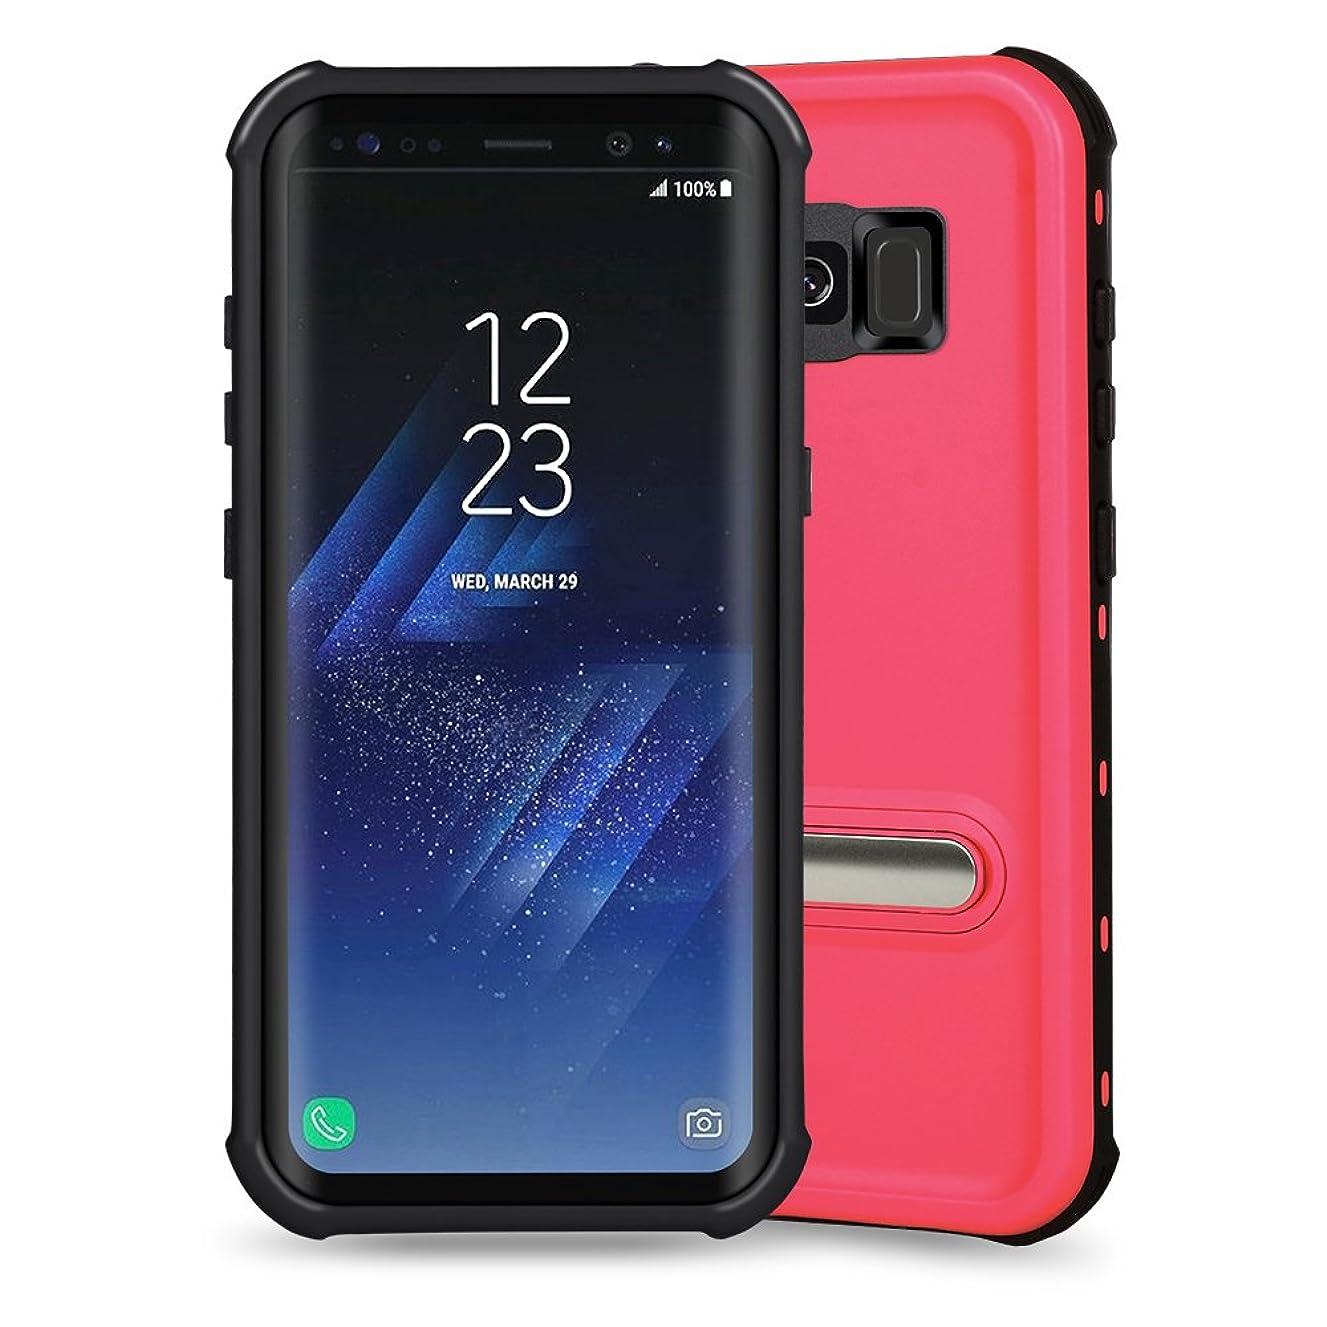 はさみオーバーフロー排出KYOKA Samsung Galaxy S8 Plus 防水ケース 指紋認証対応 防水 耐震 防塵 耐衝撃 IP68 ギャラクシーS8+ 防水カバー (Galaxy S8+, レッド)